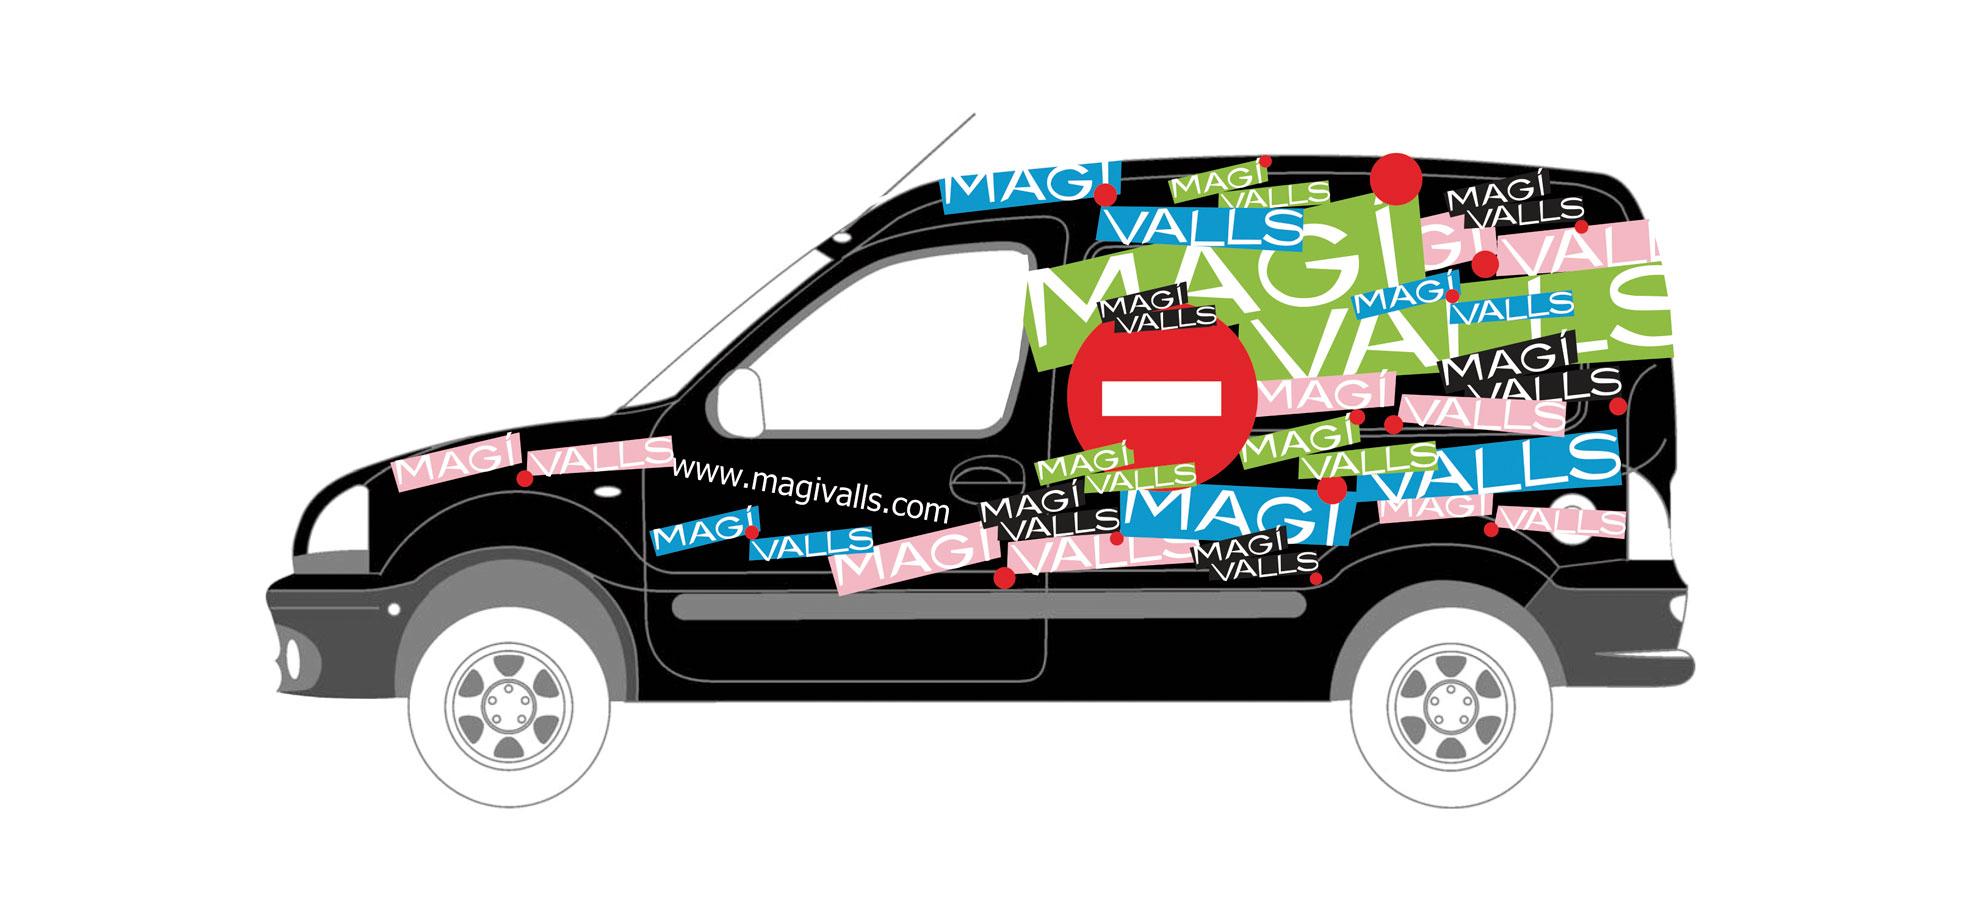 Magi-Valls-vehiculo-01